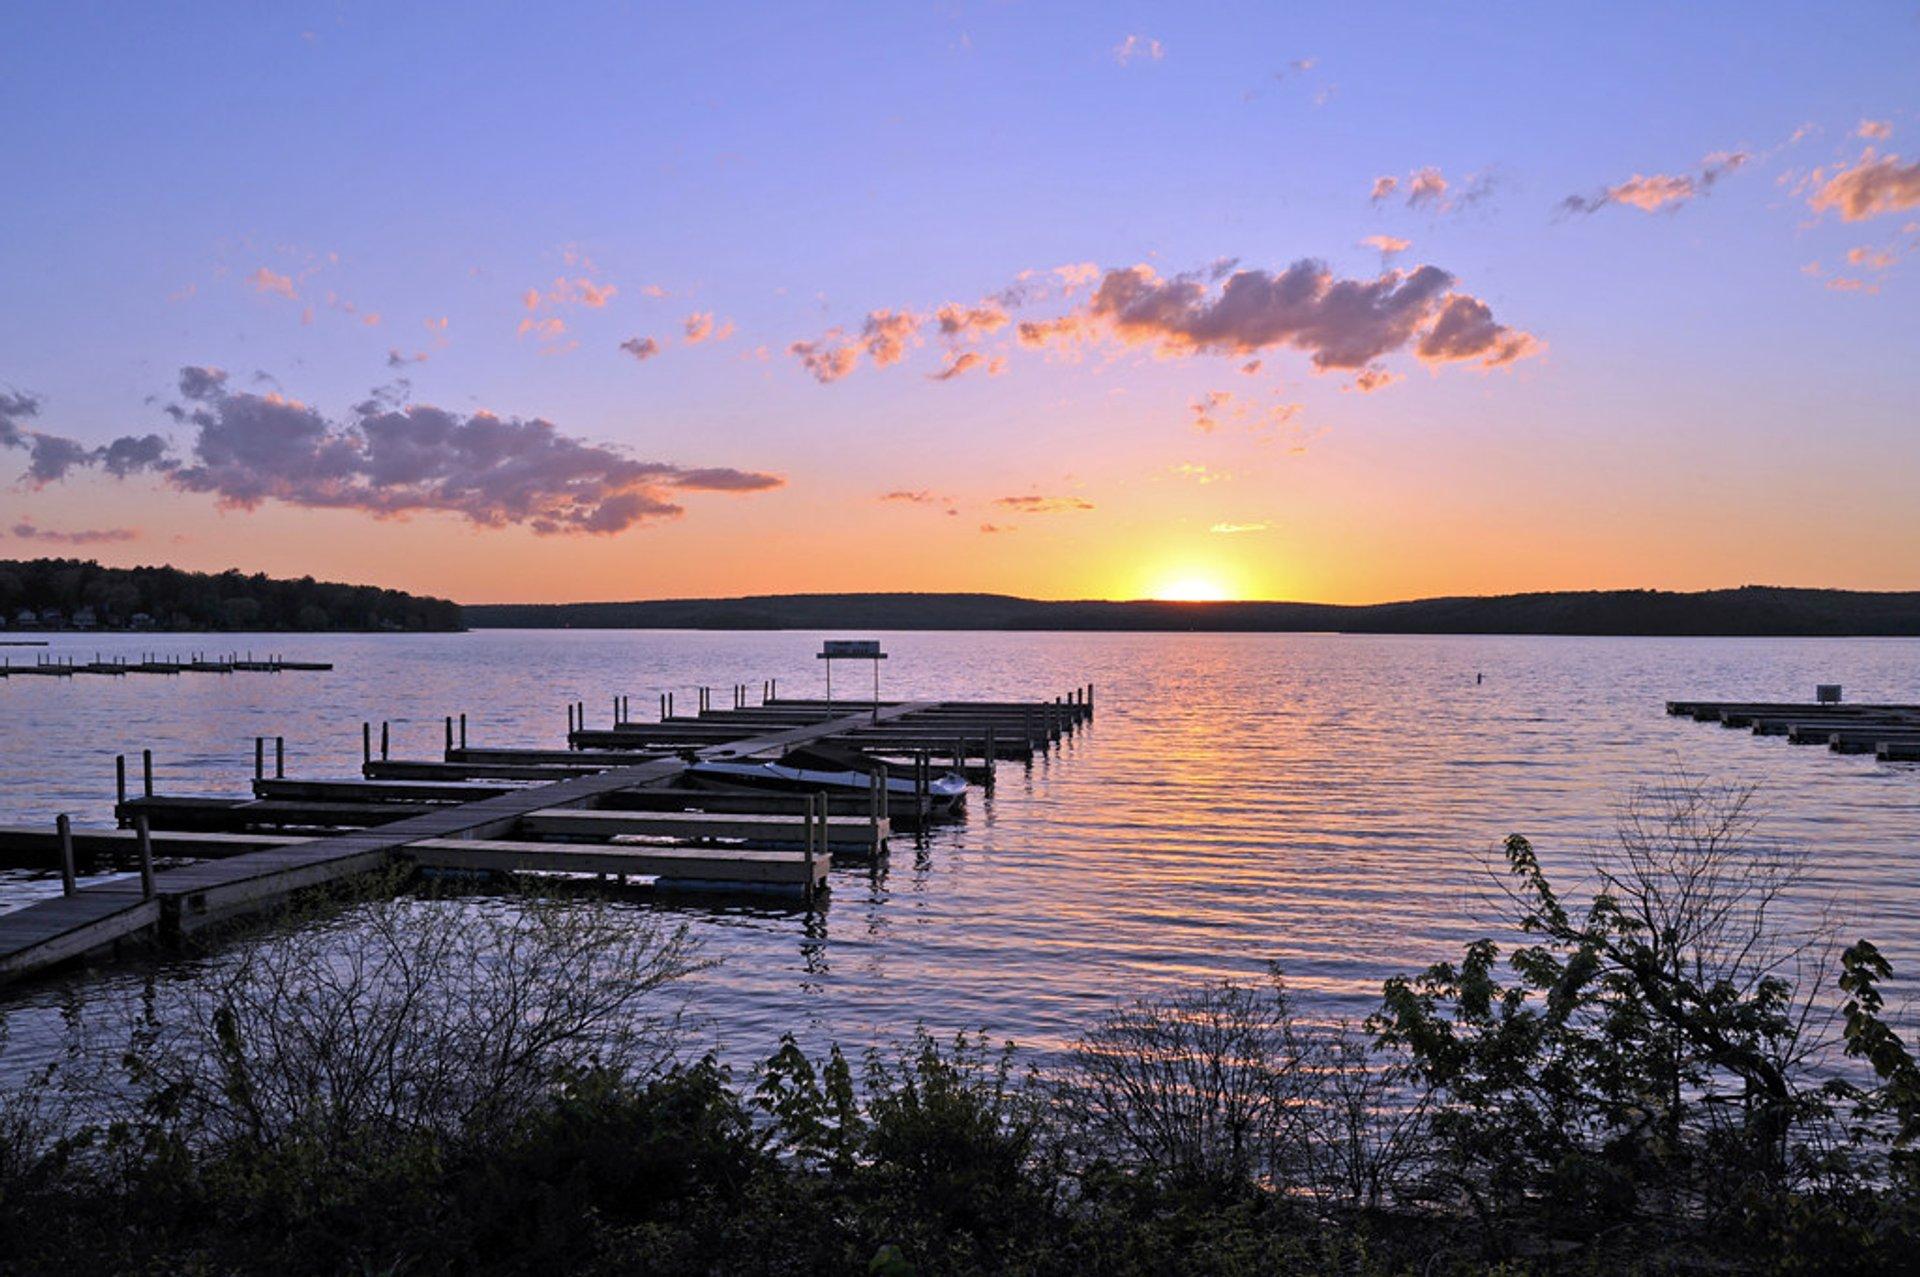 Lake Wallenpaupack 2020